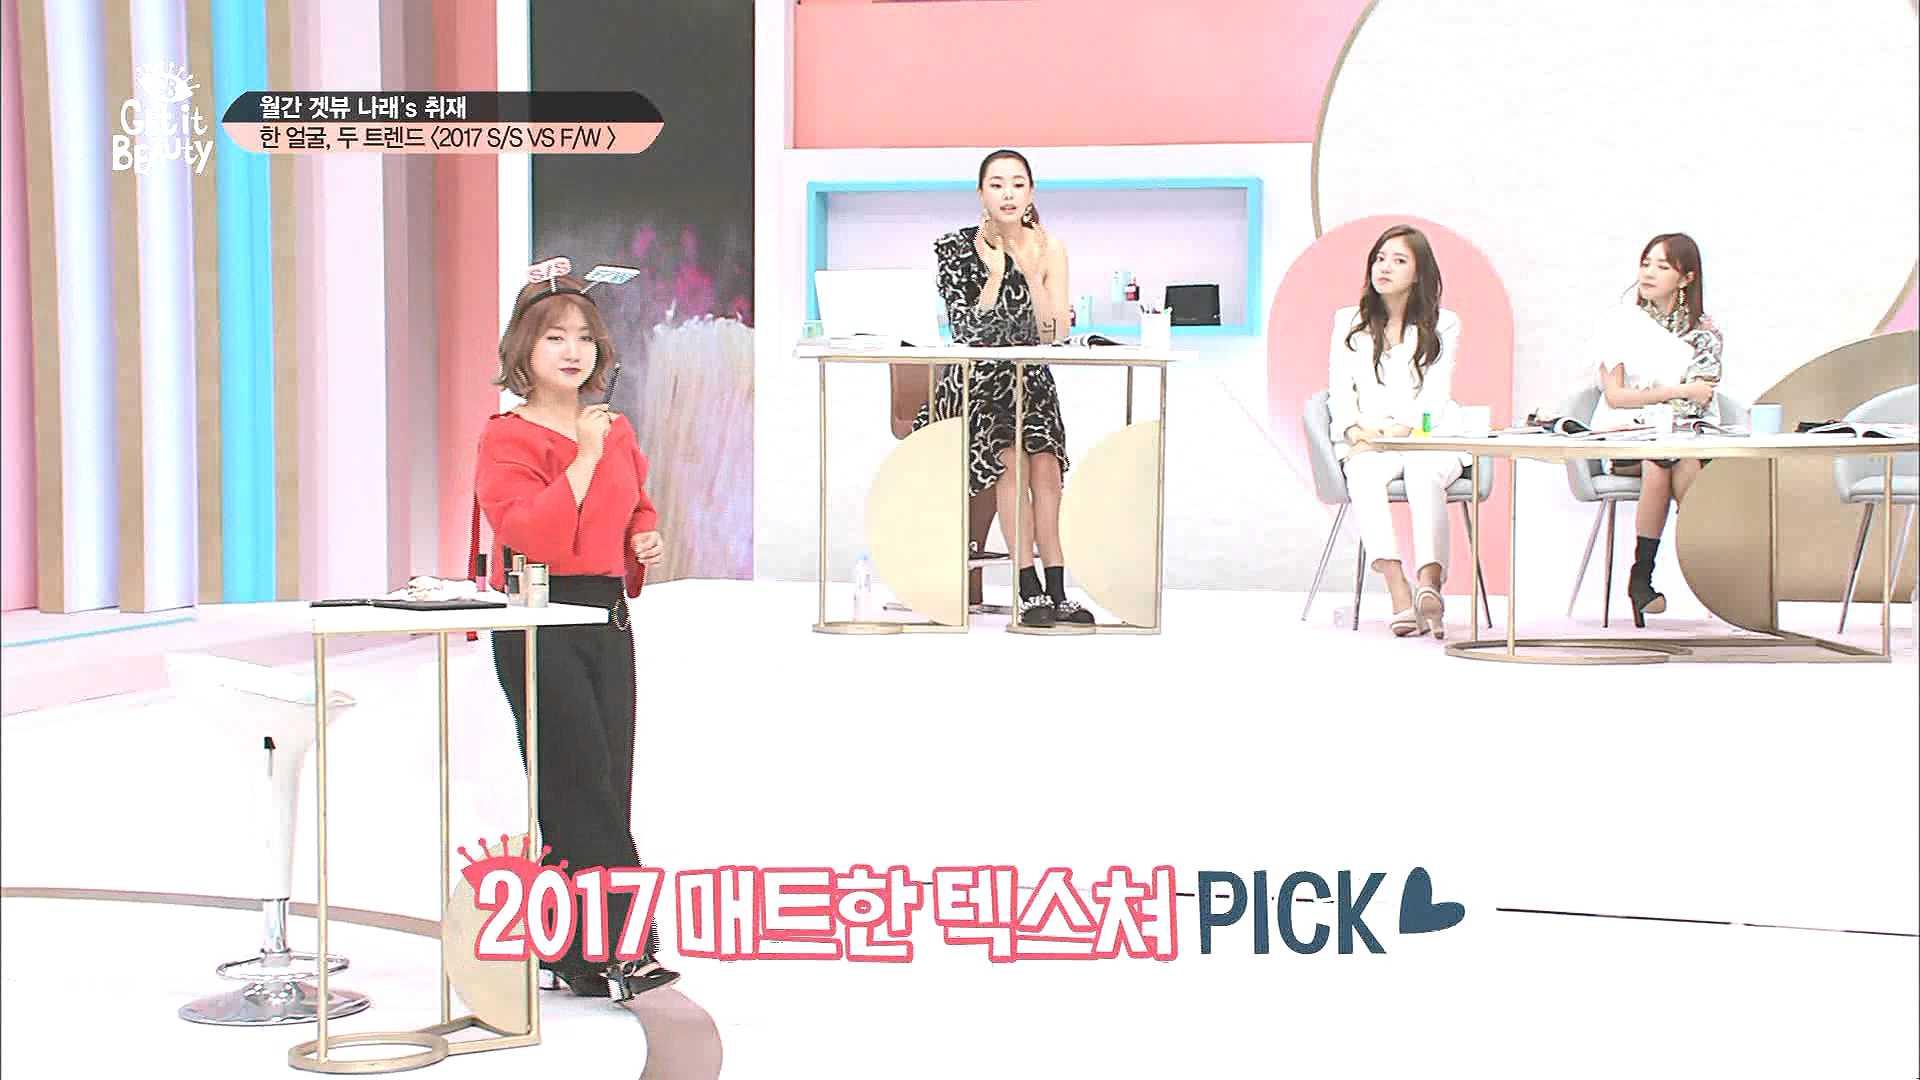 2017 매트한 텍스쳐 PICK!